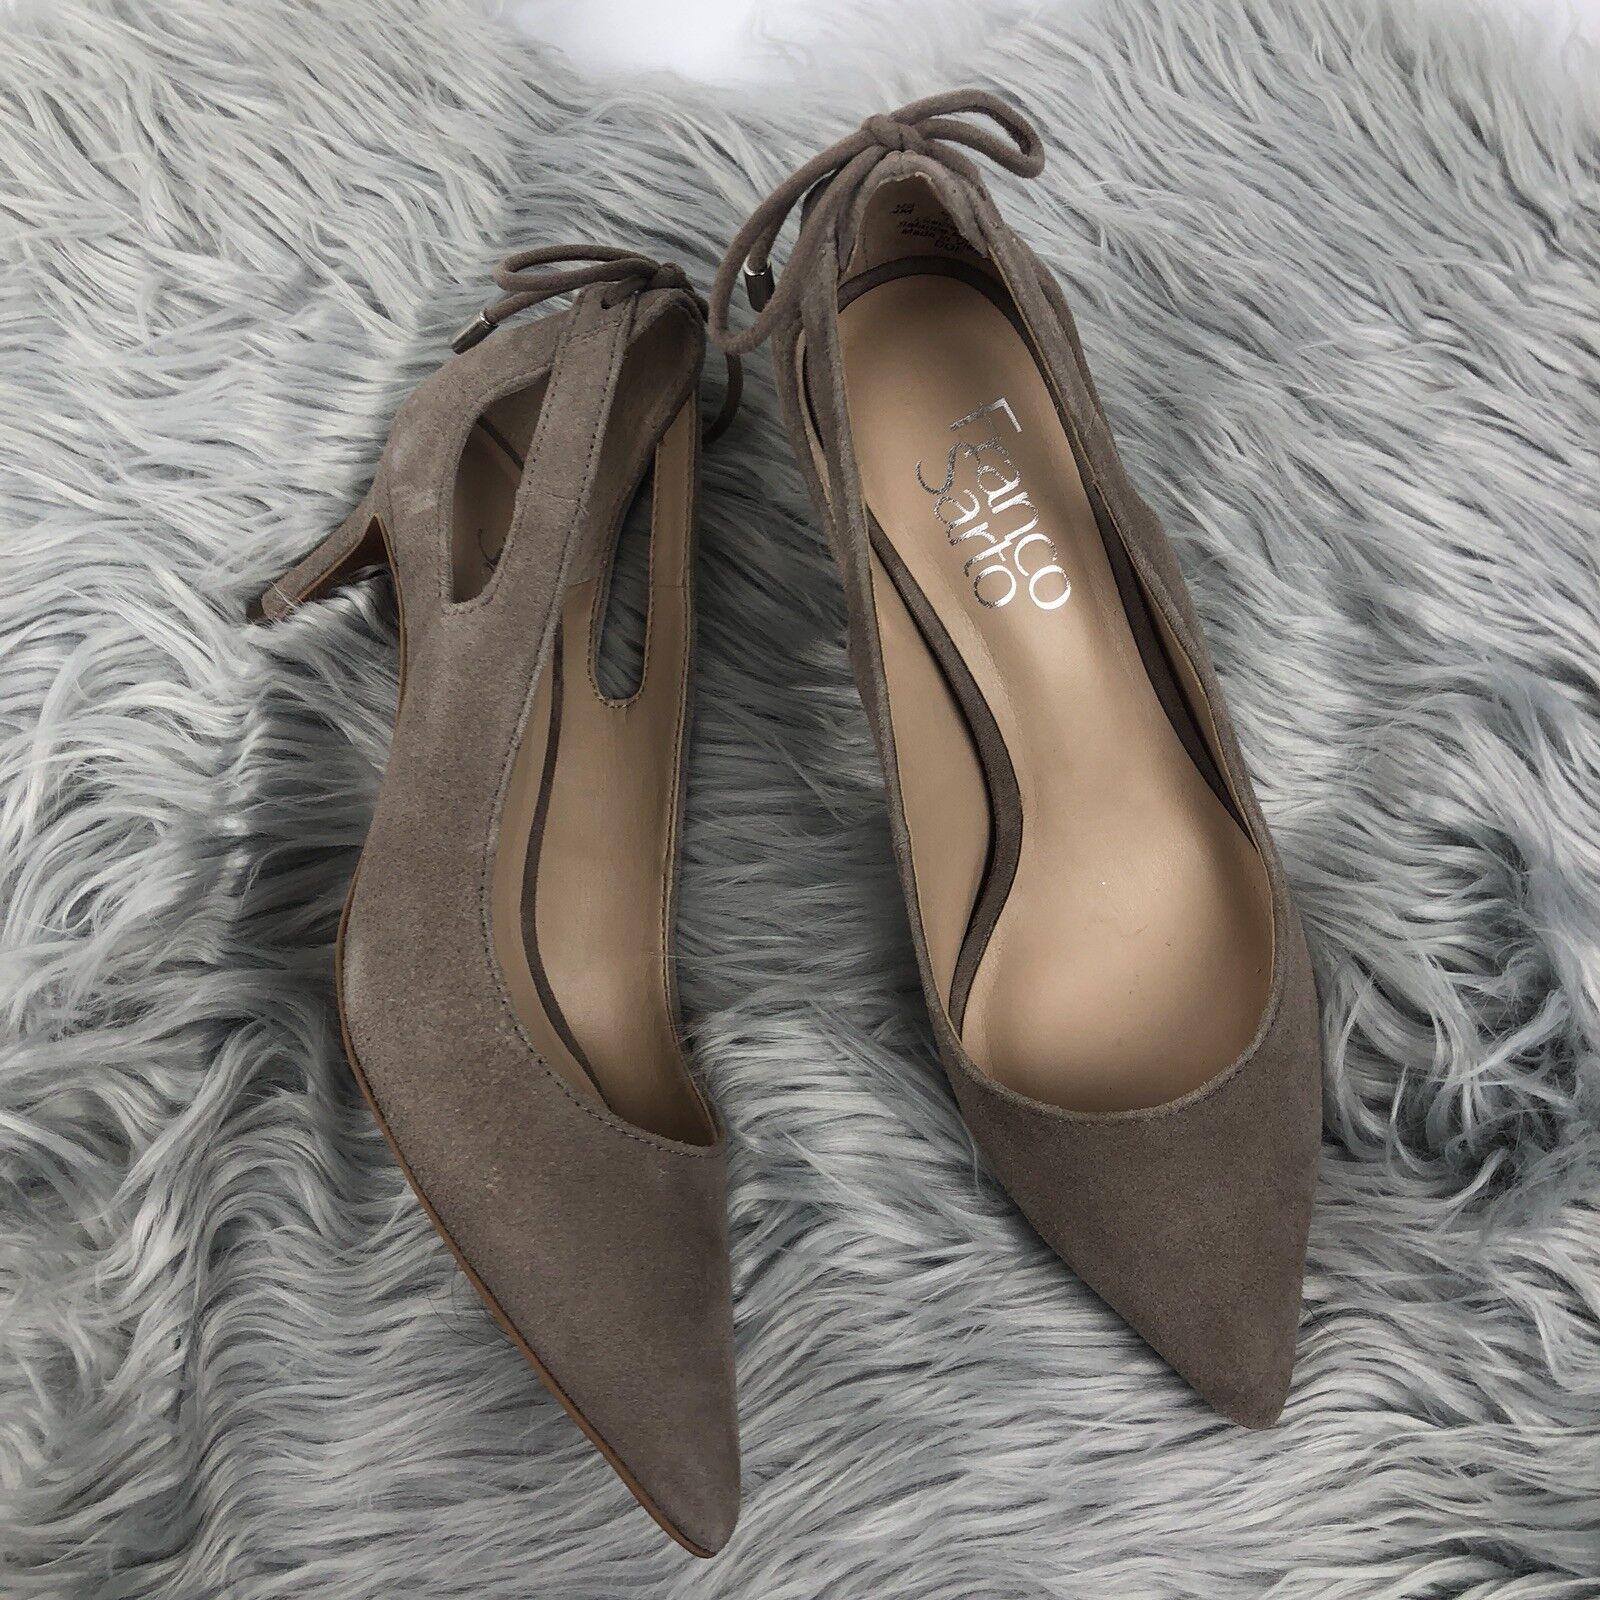 FRANCO SARTO Suede Tan Nude Suede SARTO Leather DOE Kitten Bow Heels 4 M 6f3691